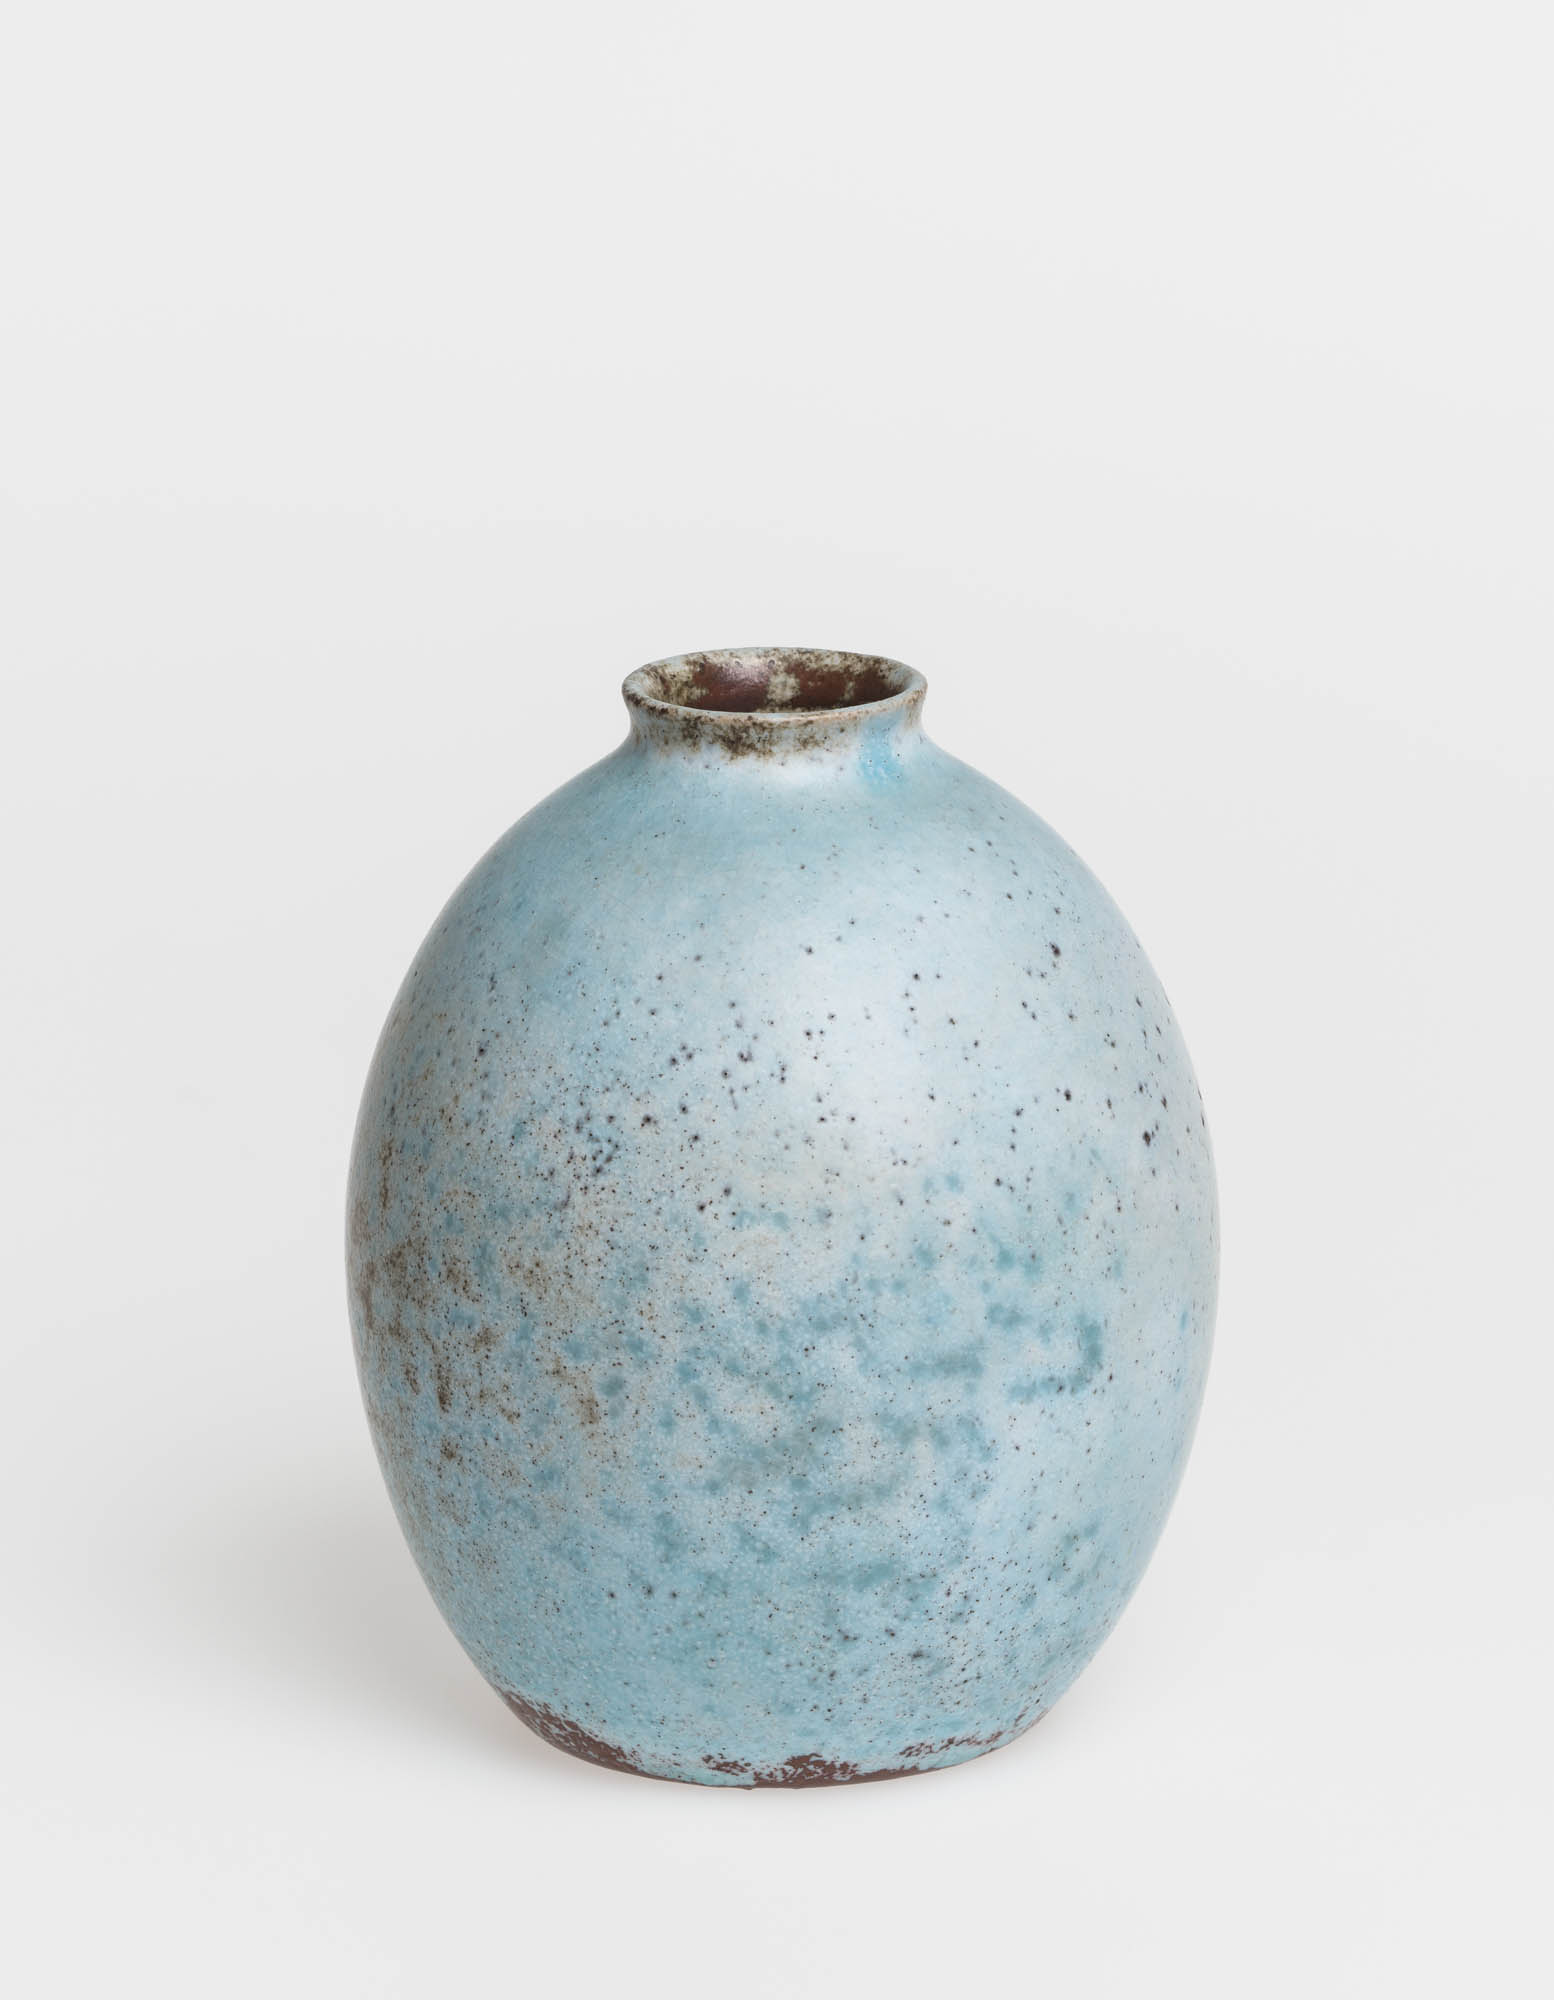 (ohne Titel) Keramische Werkstätte Alsiko Uster Vase